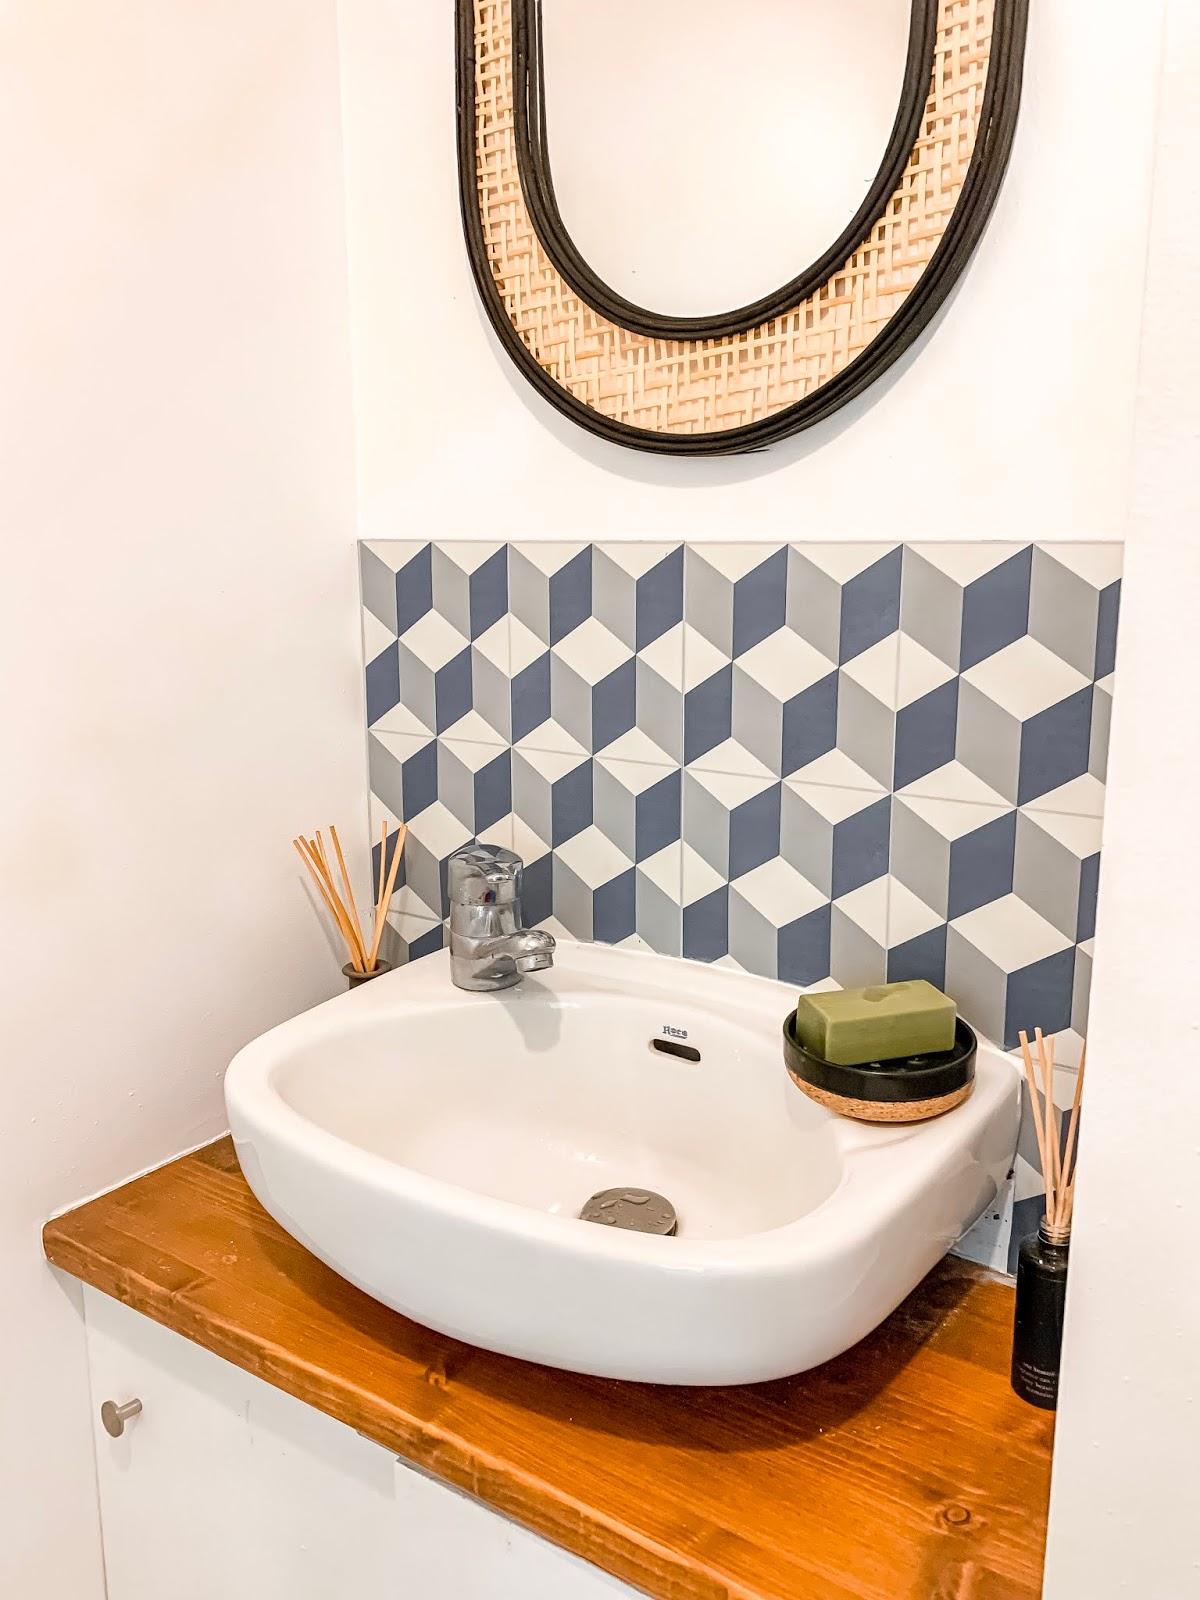 avis machine à laver LG turbowash 360 lave linge sèche linge buanderie wc toilettes déco aménagement décorer lave main castorama